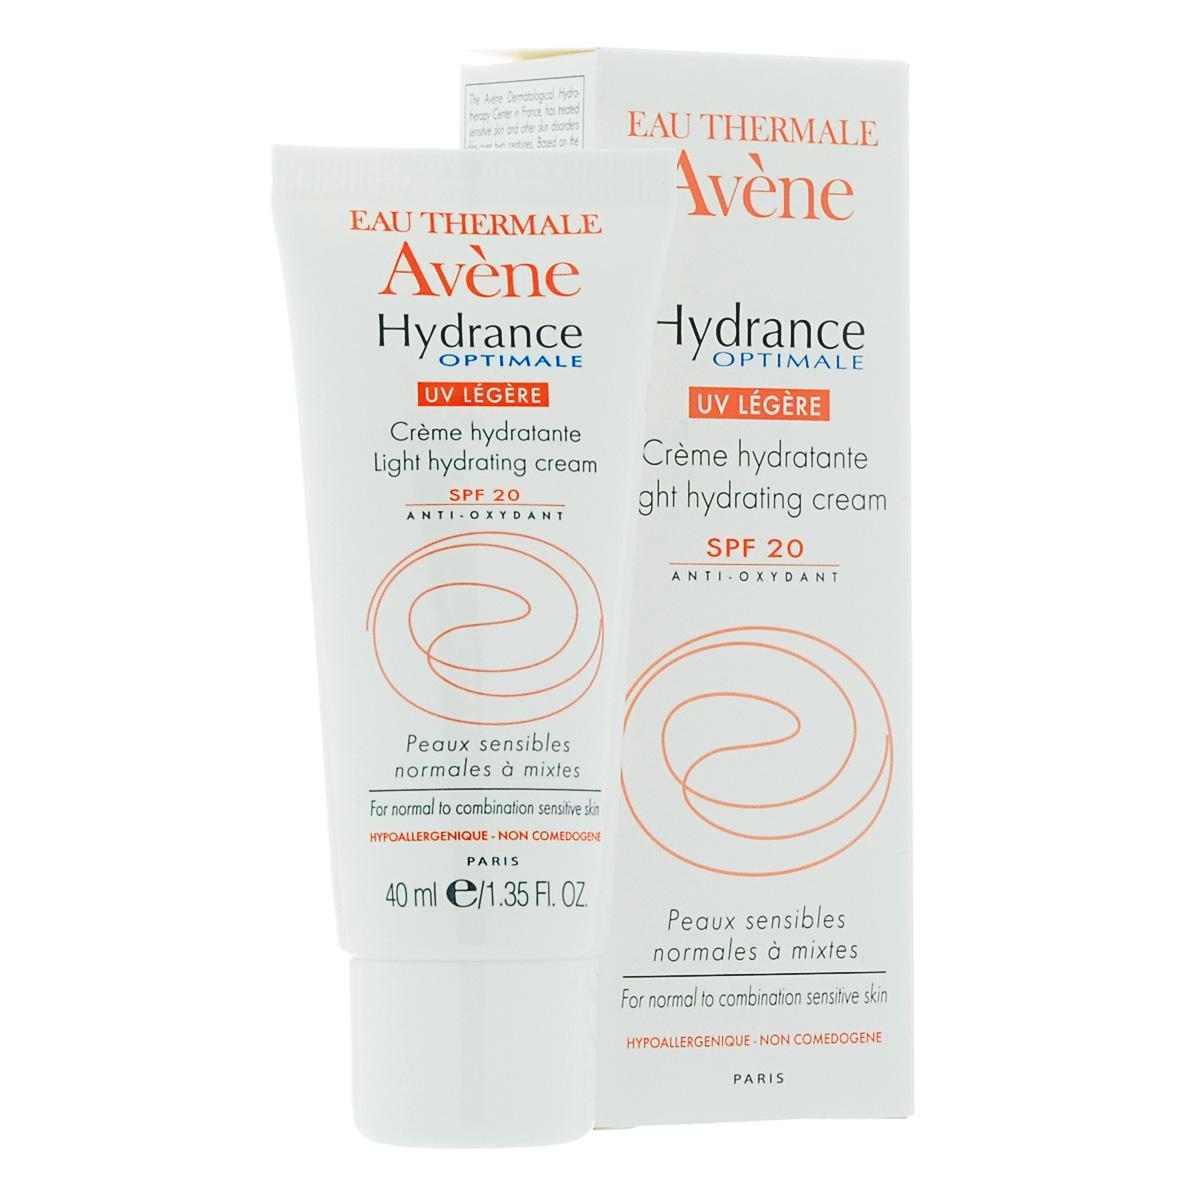 Avene Крем увлажняющий защищающий Hydrance ОПТИМАЛЬ UV20 ЛЕЖЕР для нормальной и смешанной кожи лица 40 мл